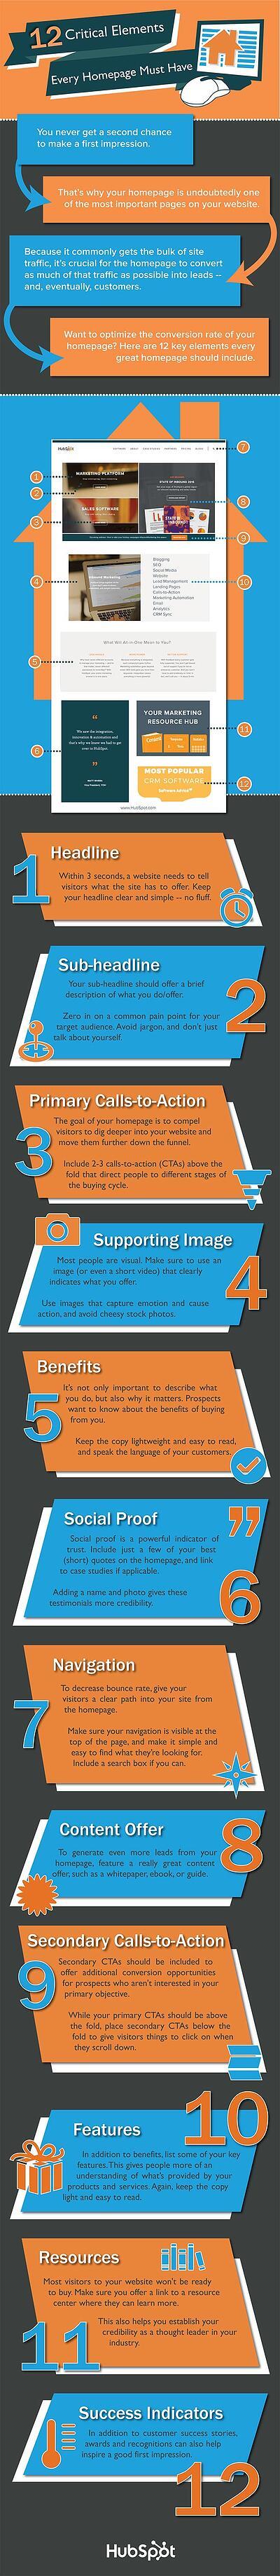 12 elementos críticos para la infografía de la página de inicio de un sitio web